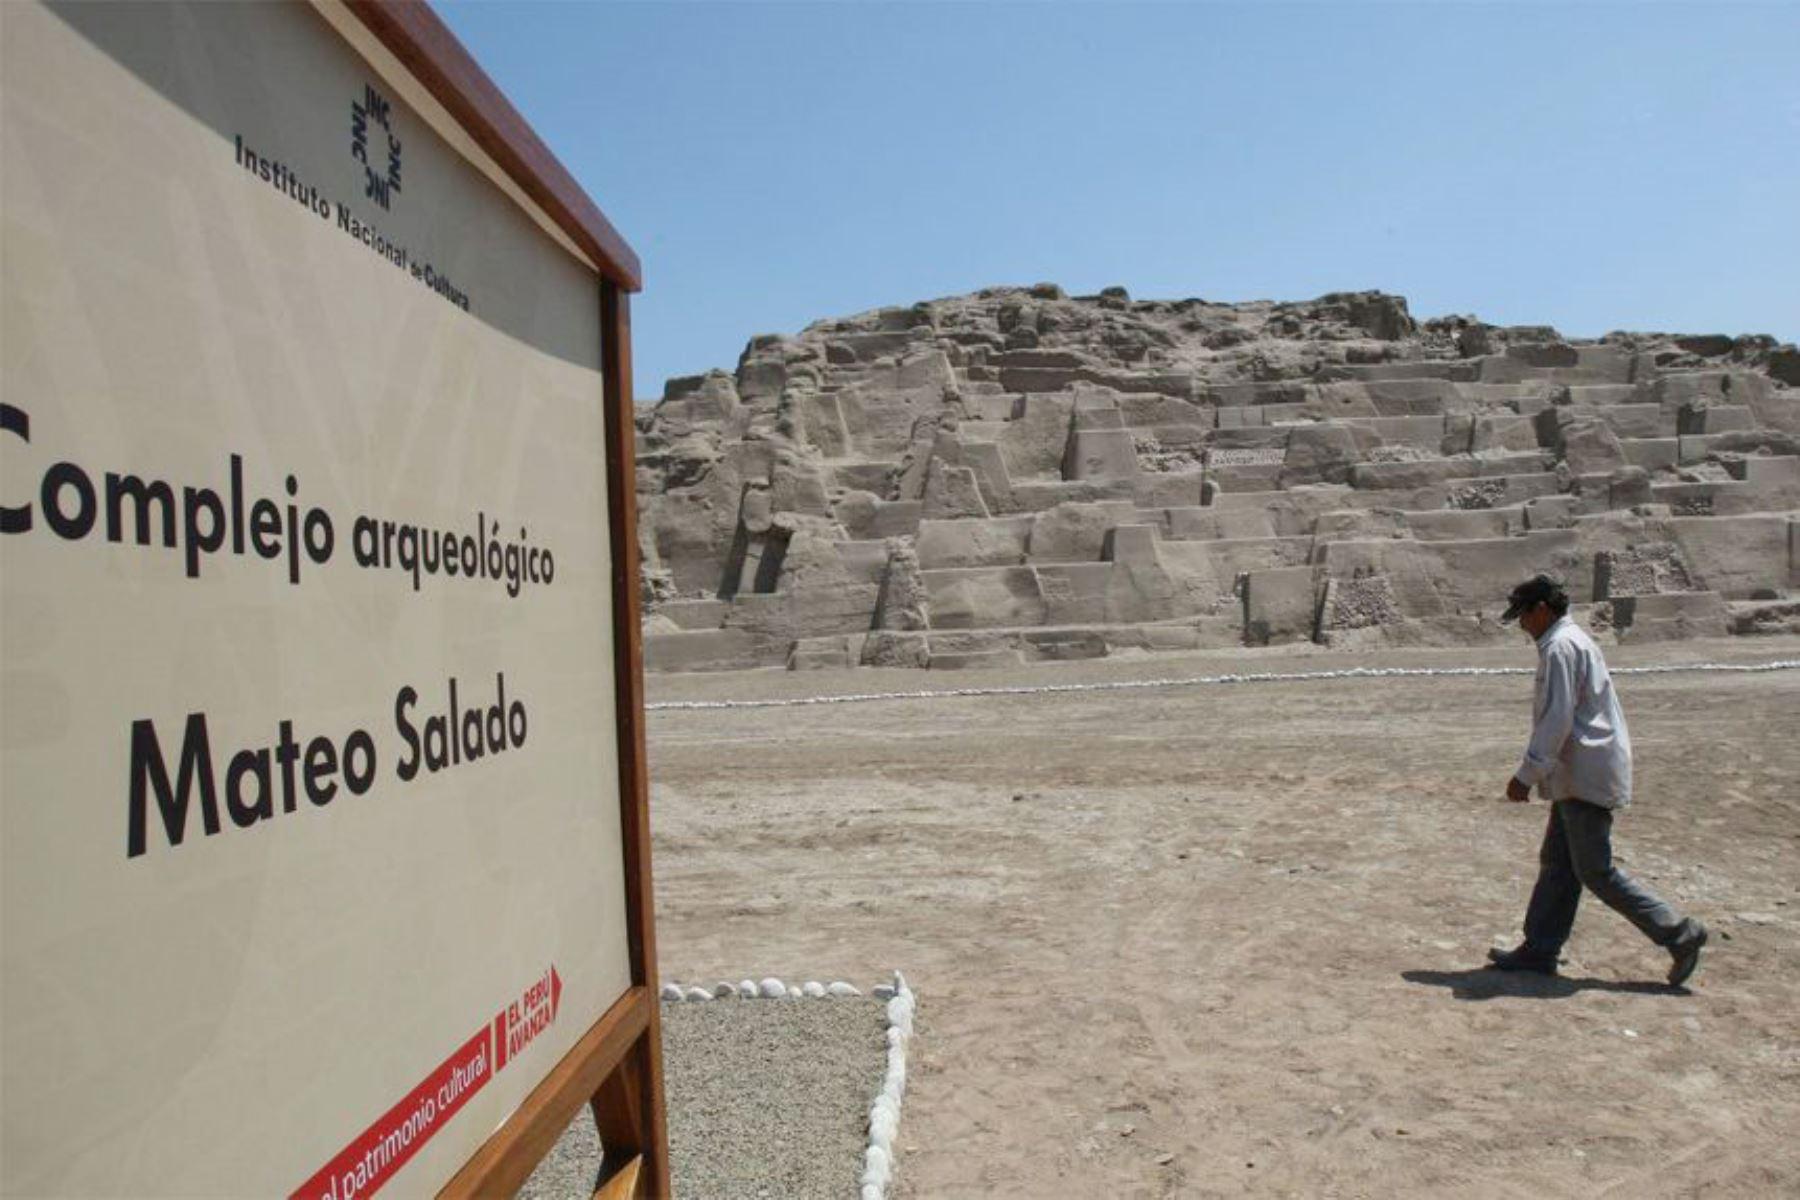 El Museo de Pachacámac y el complejo arqueológico Mateo Salado estarán abiertos al público los martes, jueves y sábado. Foto: ANDINA/Difusión